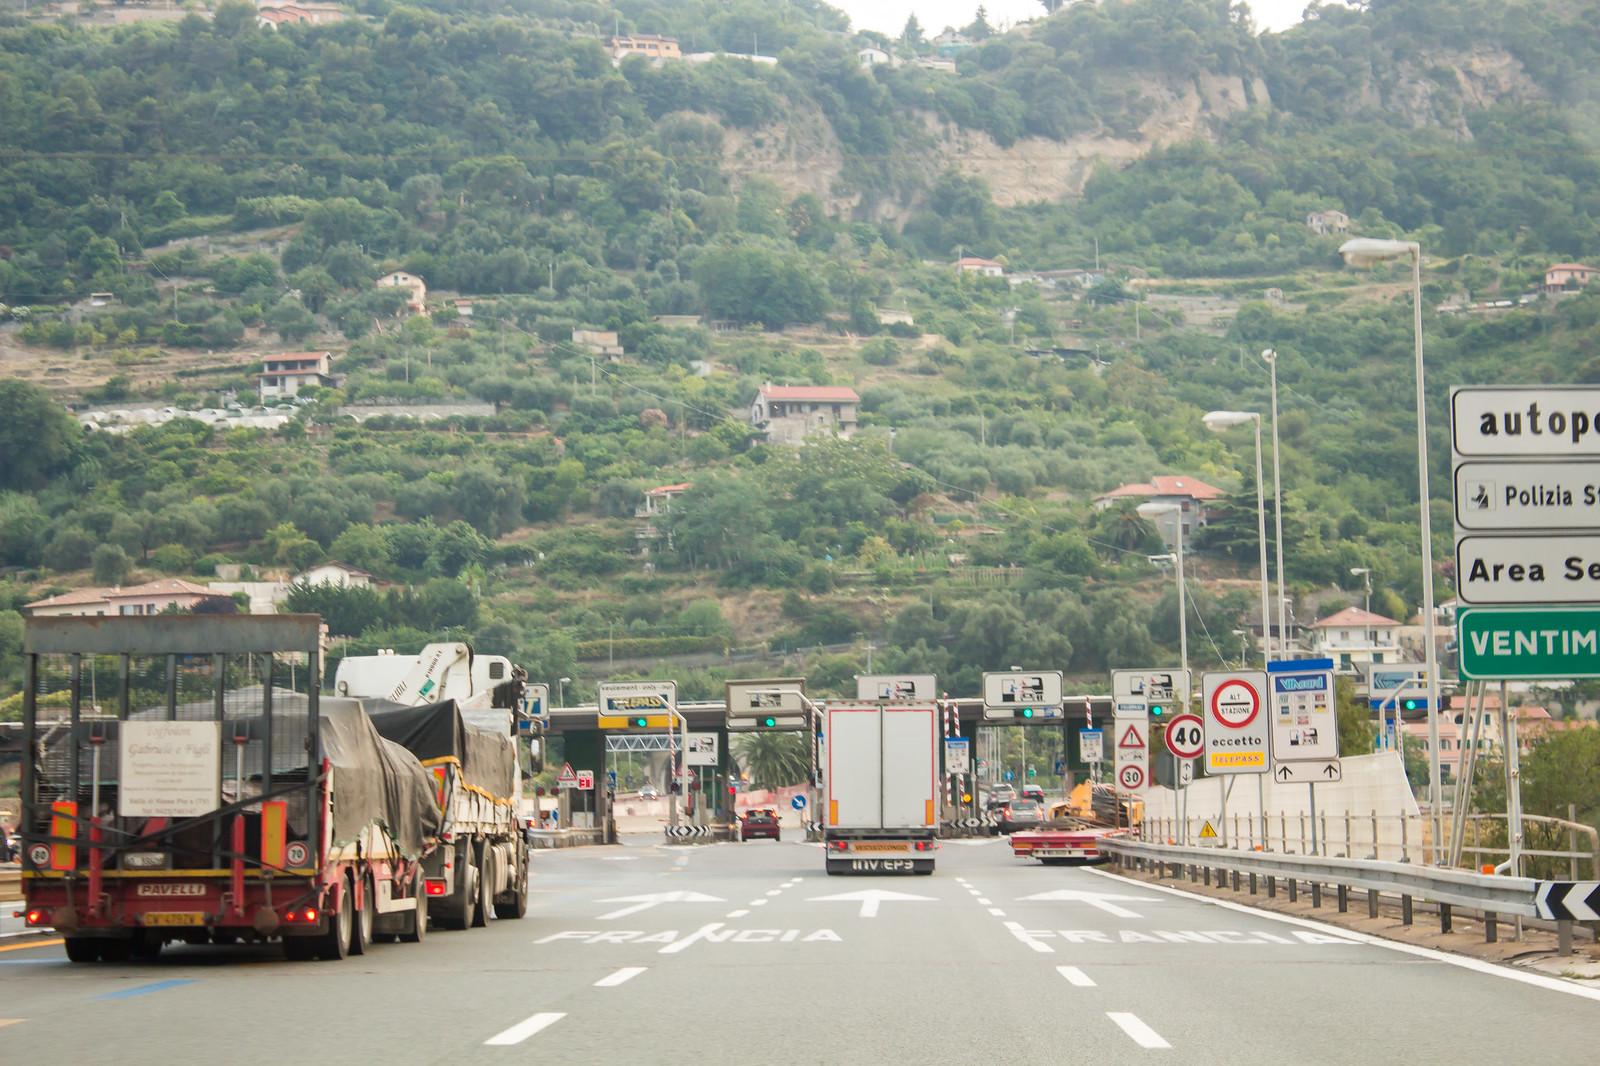 Последний пункт оплаты платных автострад Италии перед границой с Францией.